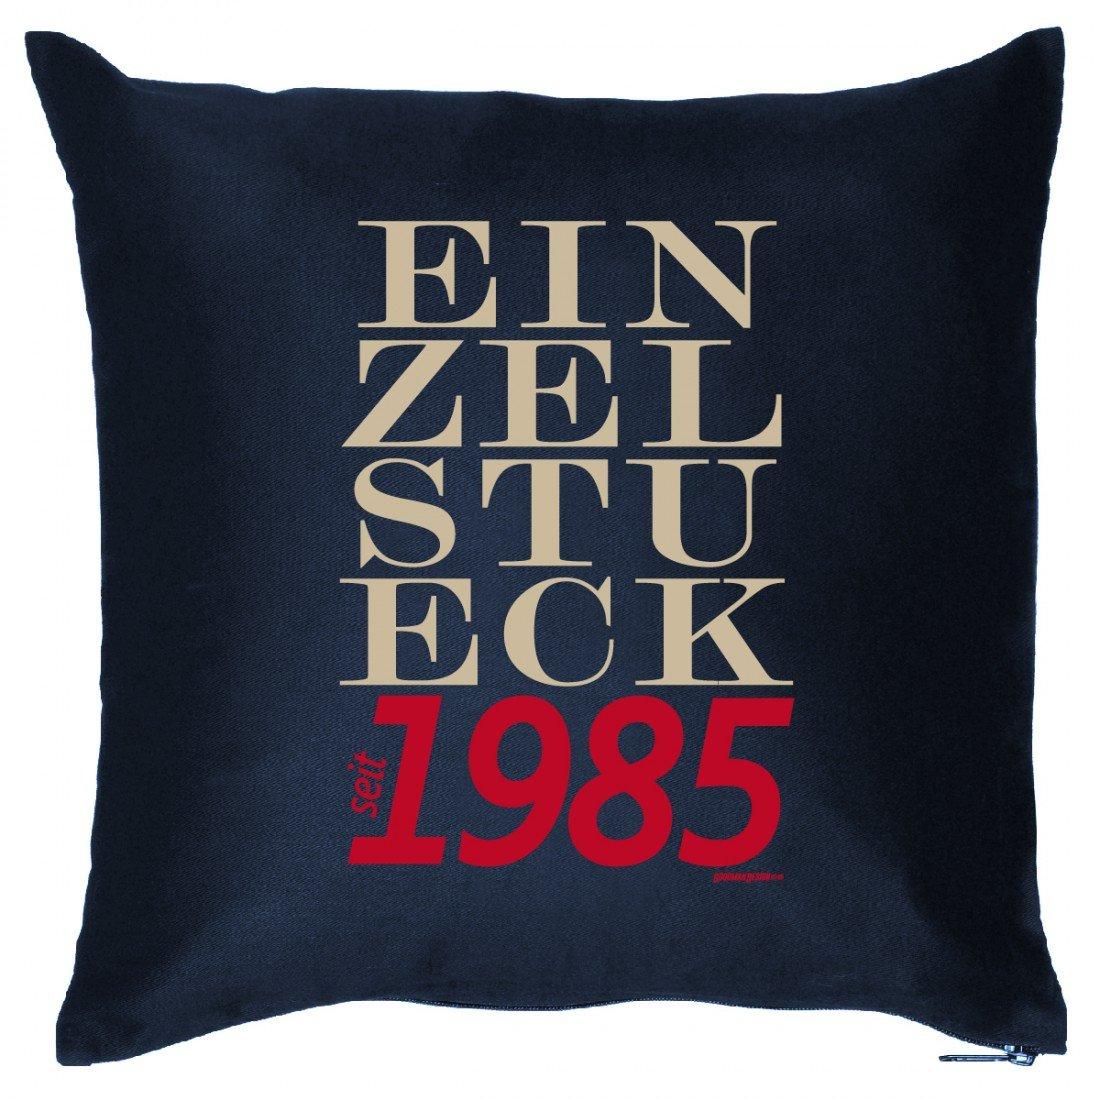 Couch Kissen mit Jahrgang zum Geburtstag – Einzelstück seit 1985 – Sofakissen Wendekissen mit Spruch und Humor kaufen